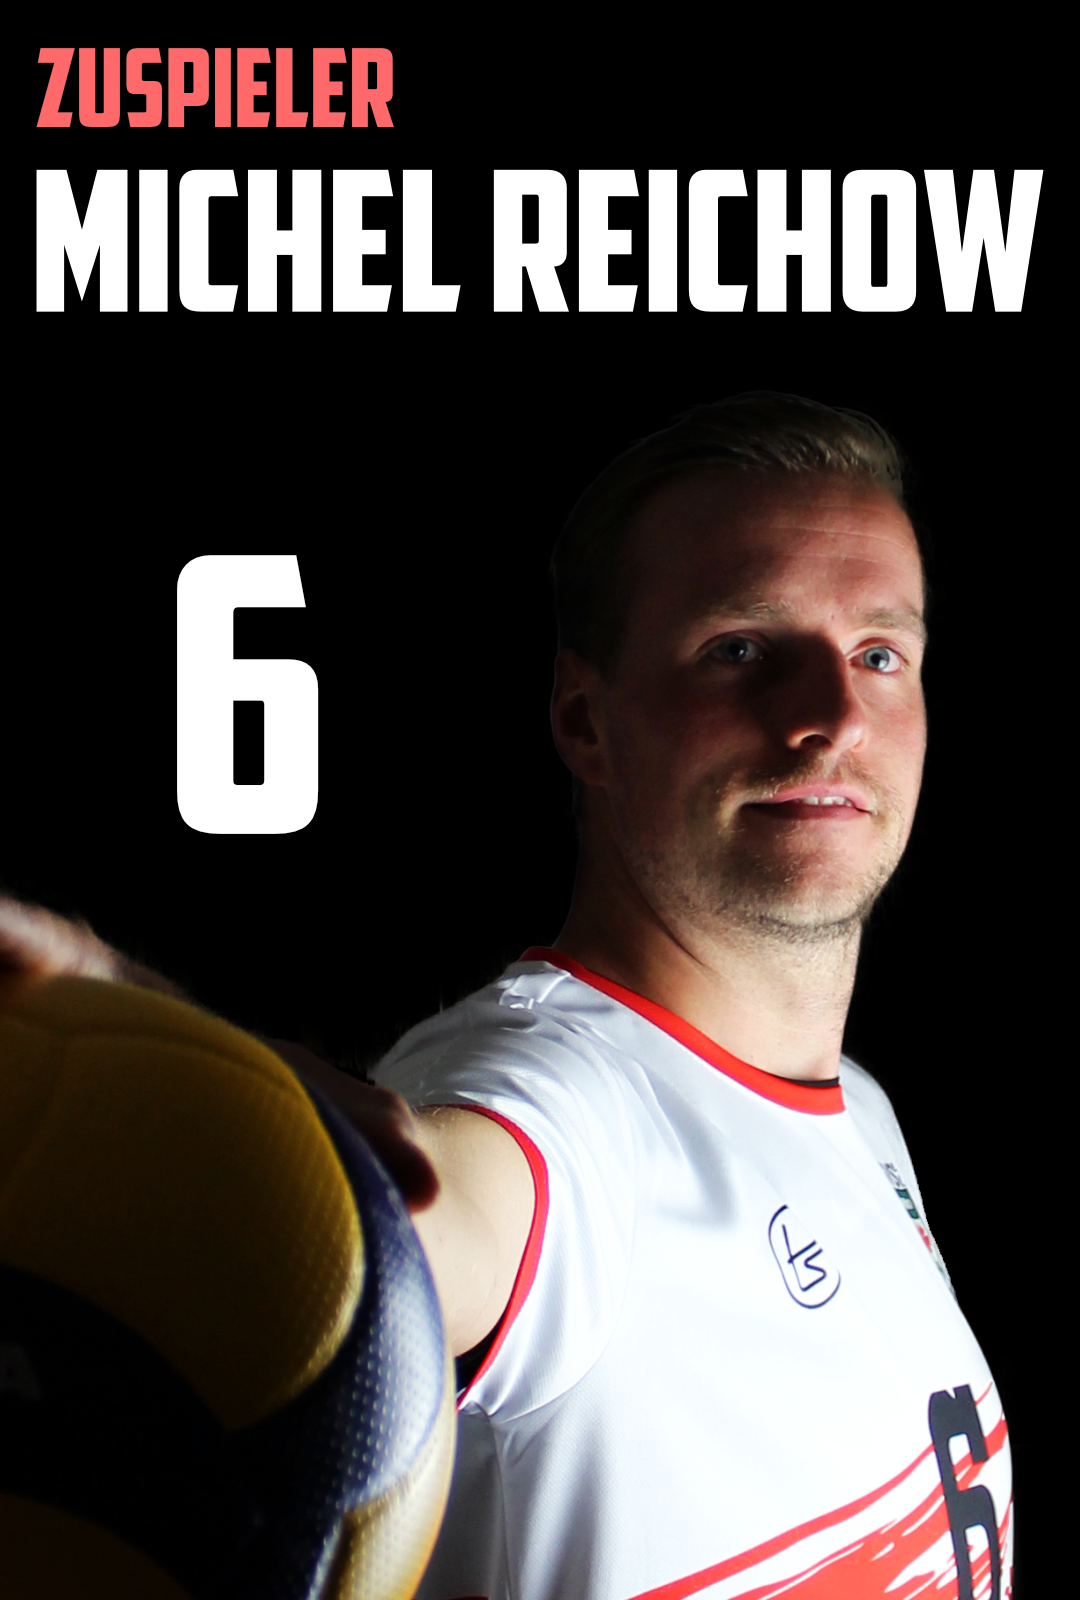 Michel Reichow